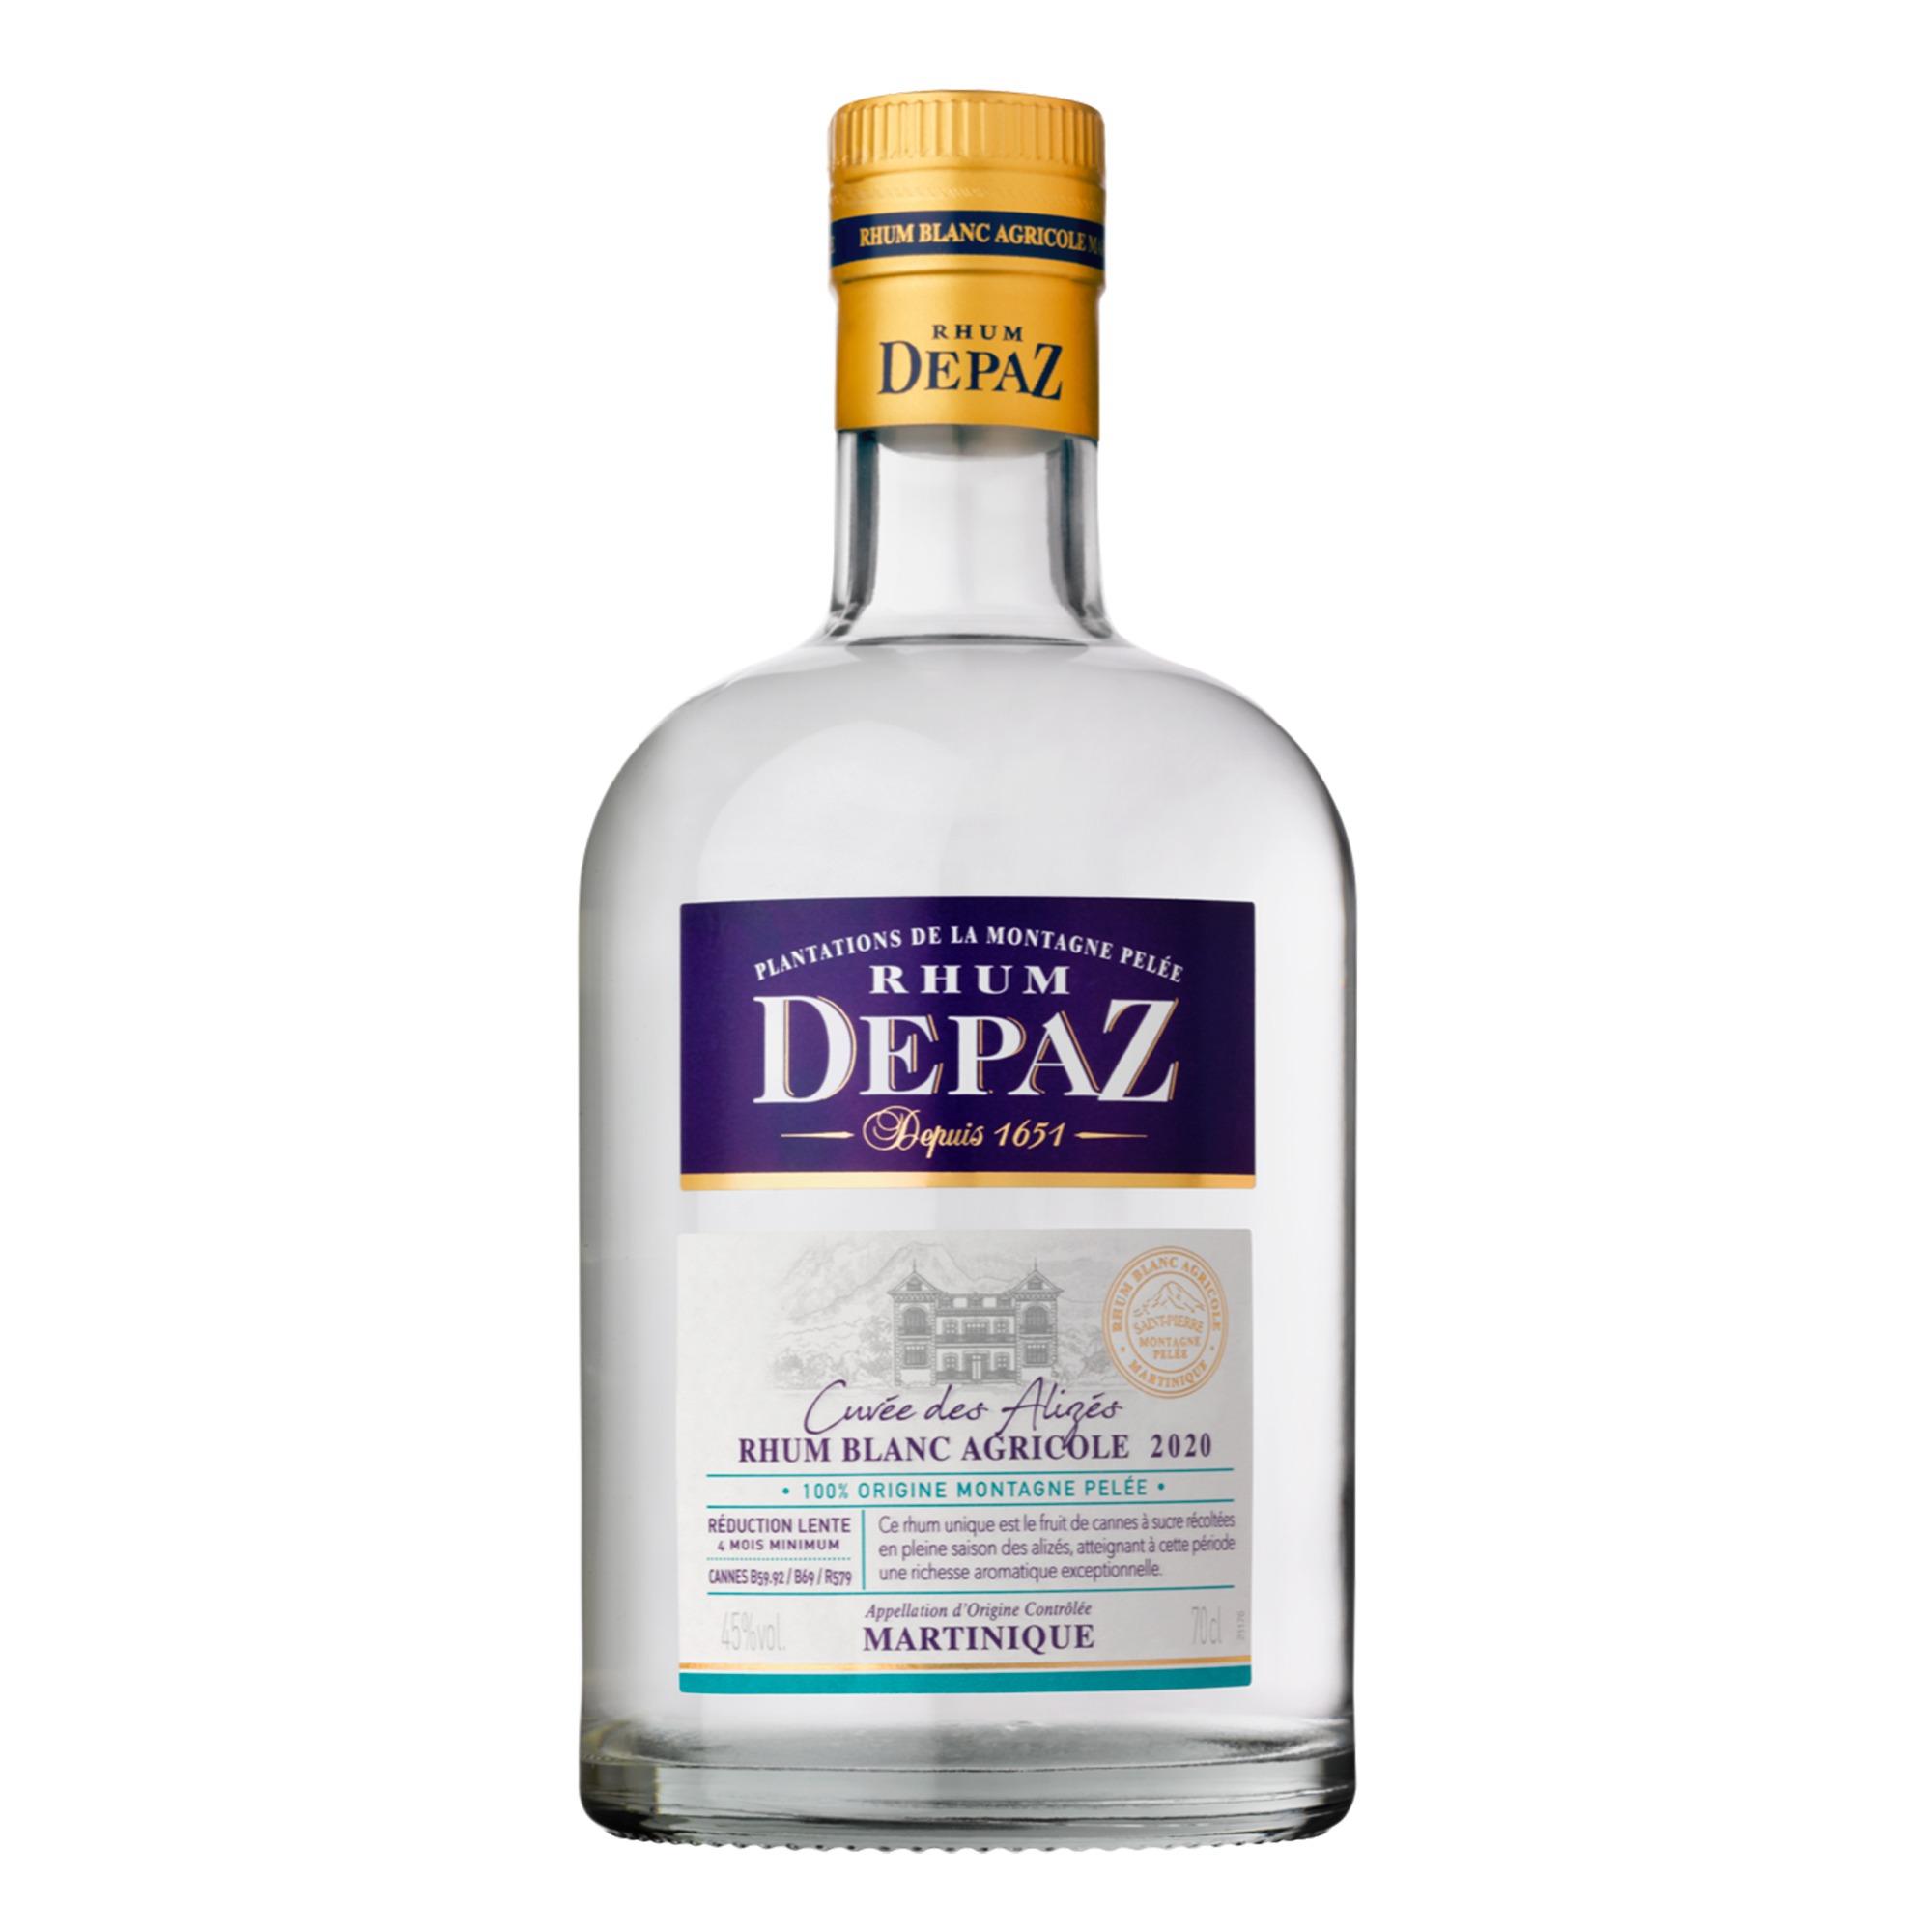 """Der neue Depaz Rum """"Cuvée des Alizés"""" ist da!"""